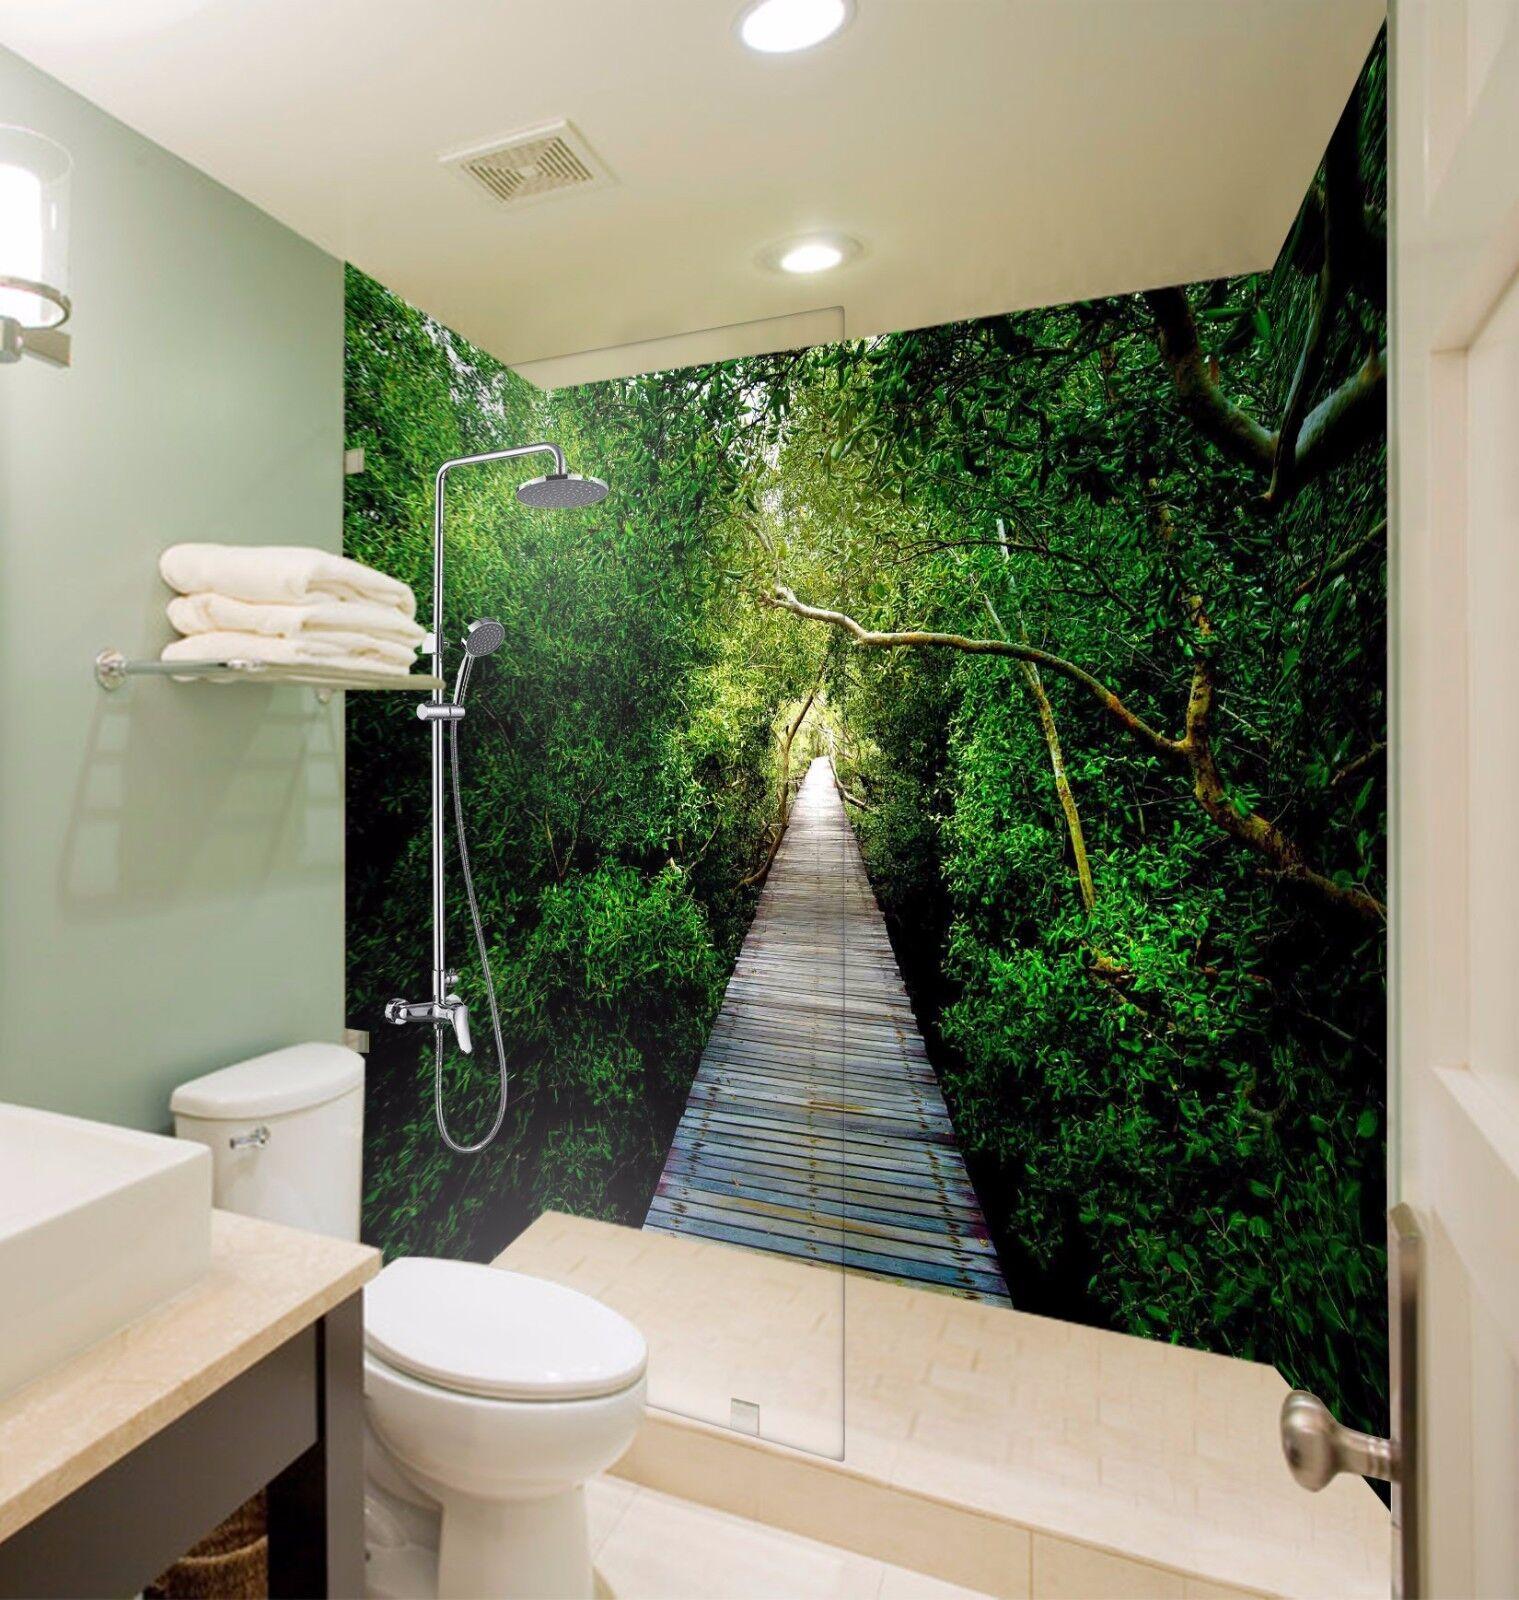 3D Grün Trees Path 468 WallPaper Bathroom Print Decal Wall Deco AJ WALLPAPER AU